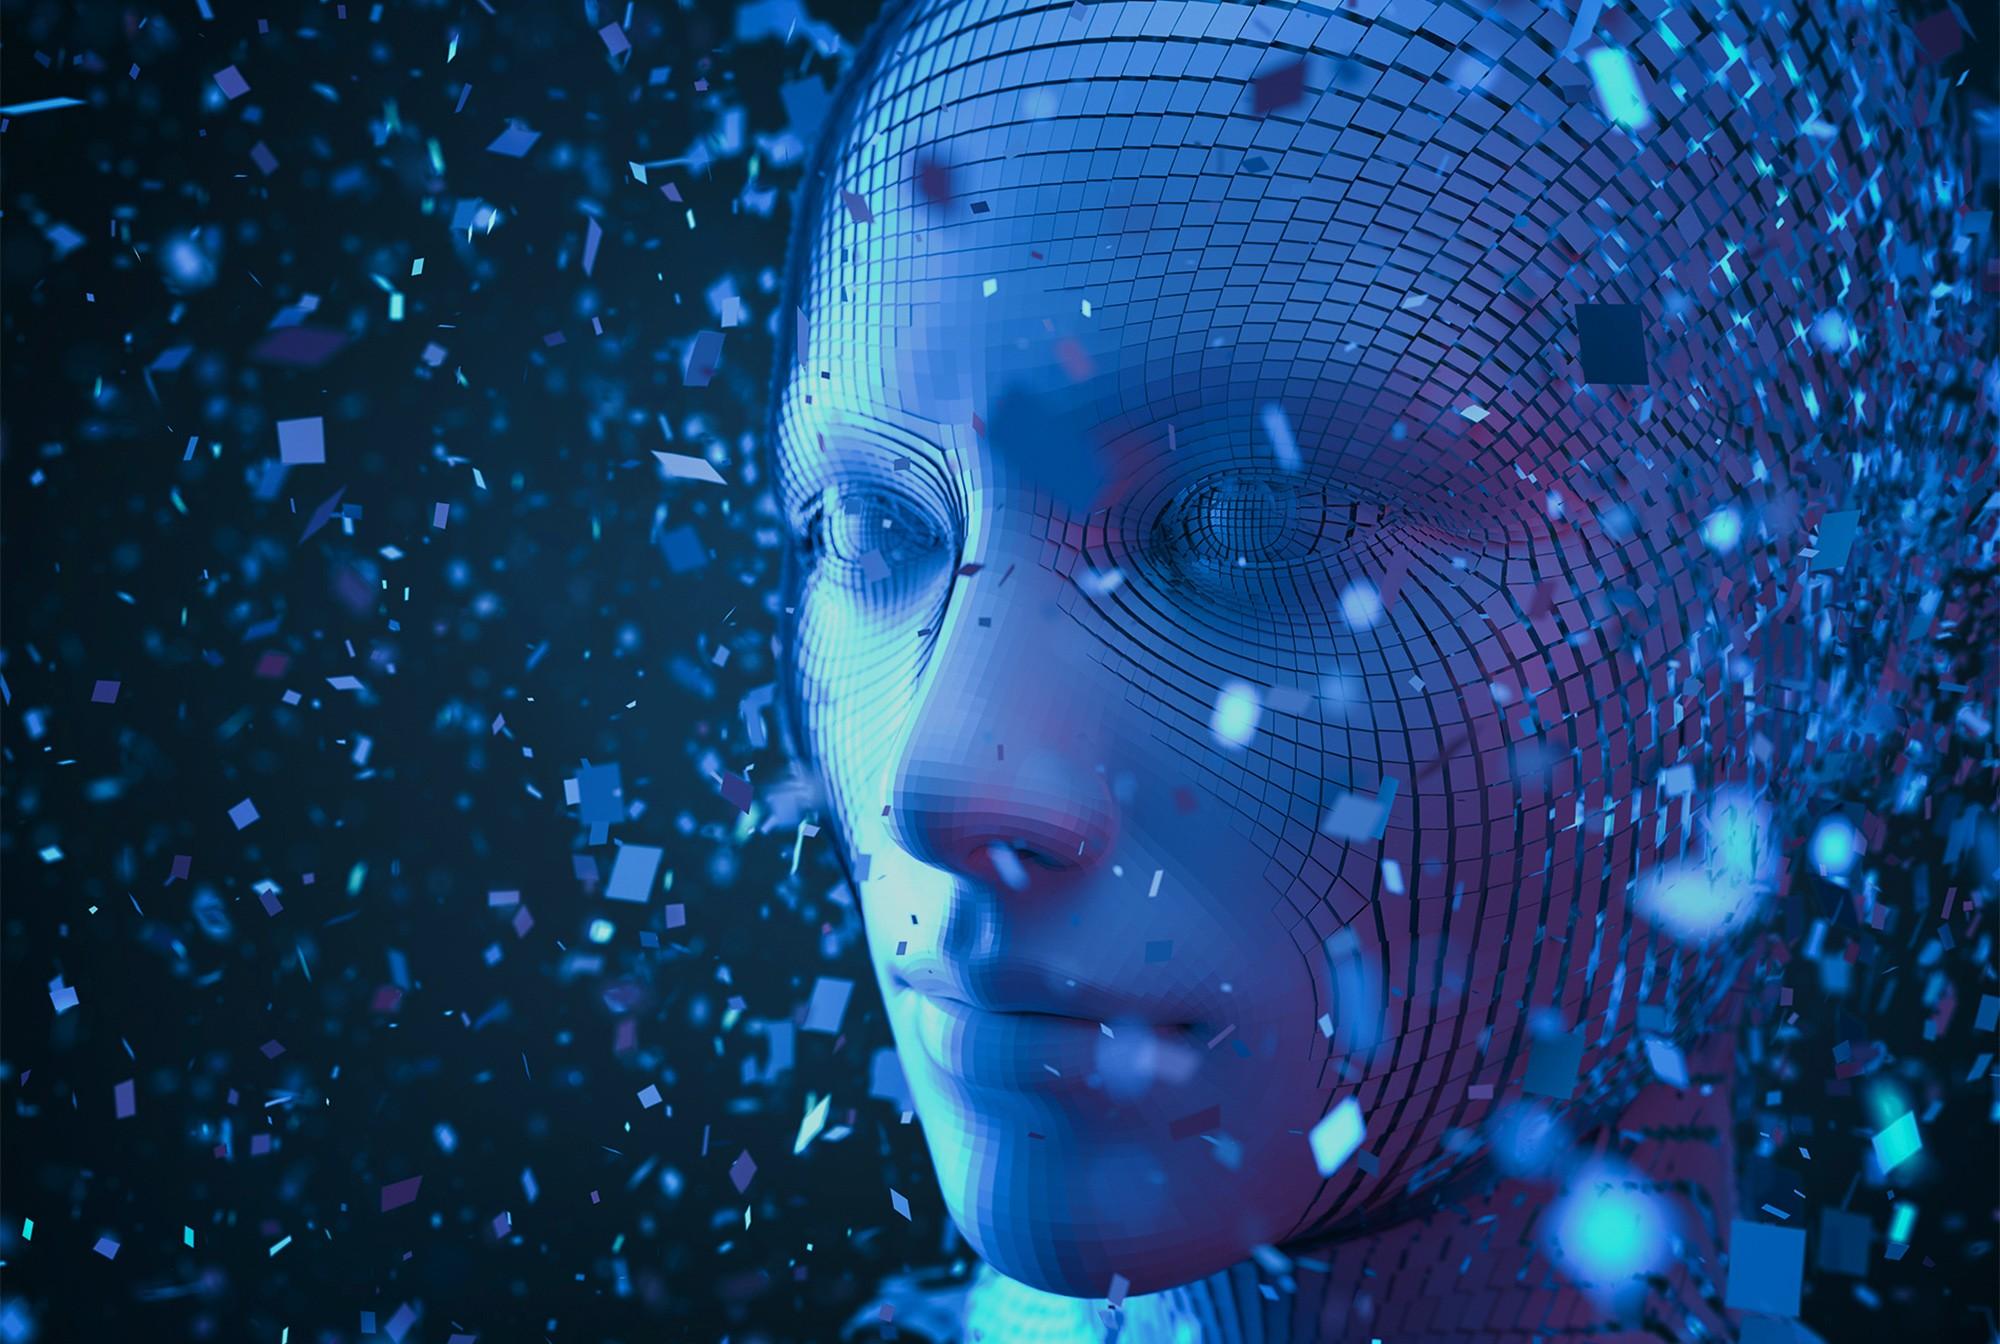 5 способов использования искусственного интеллекта для освоения космоса